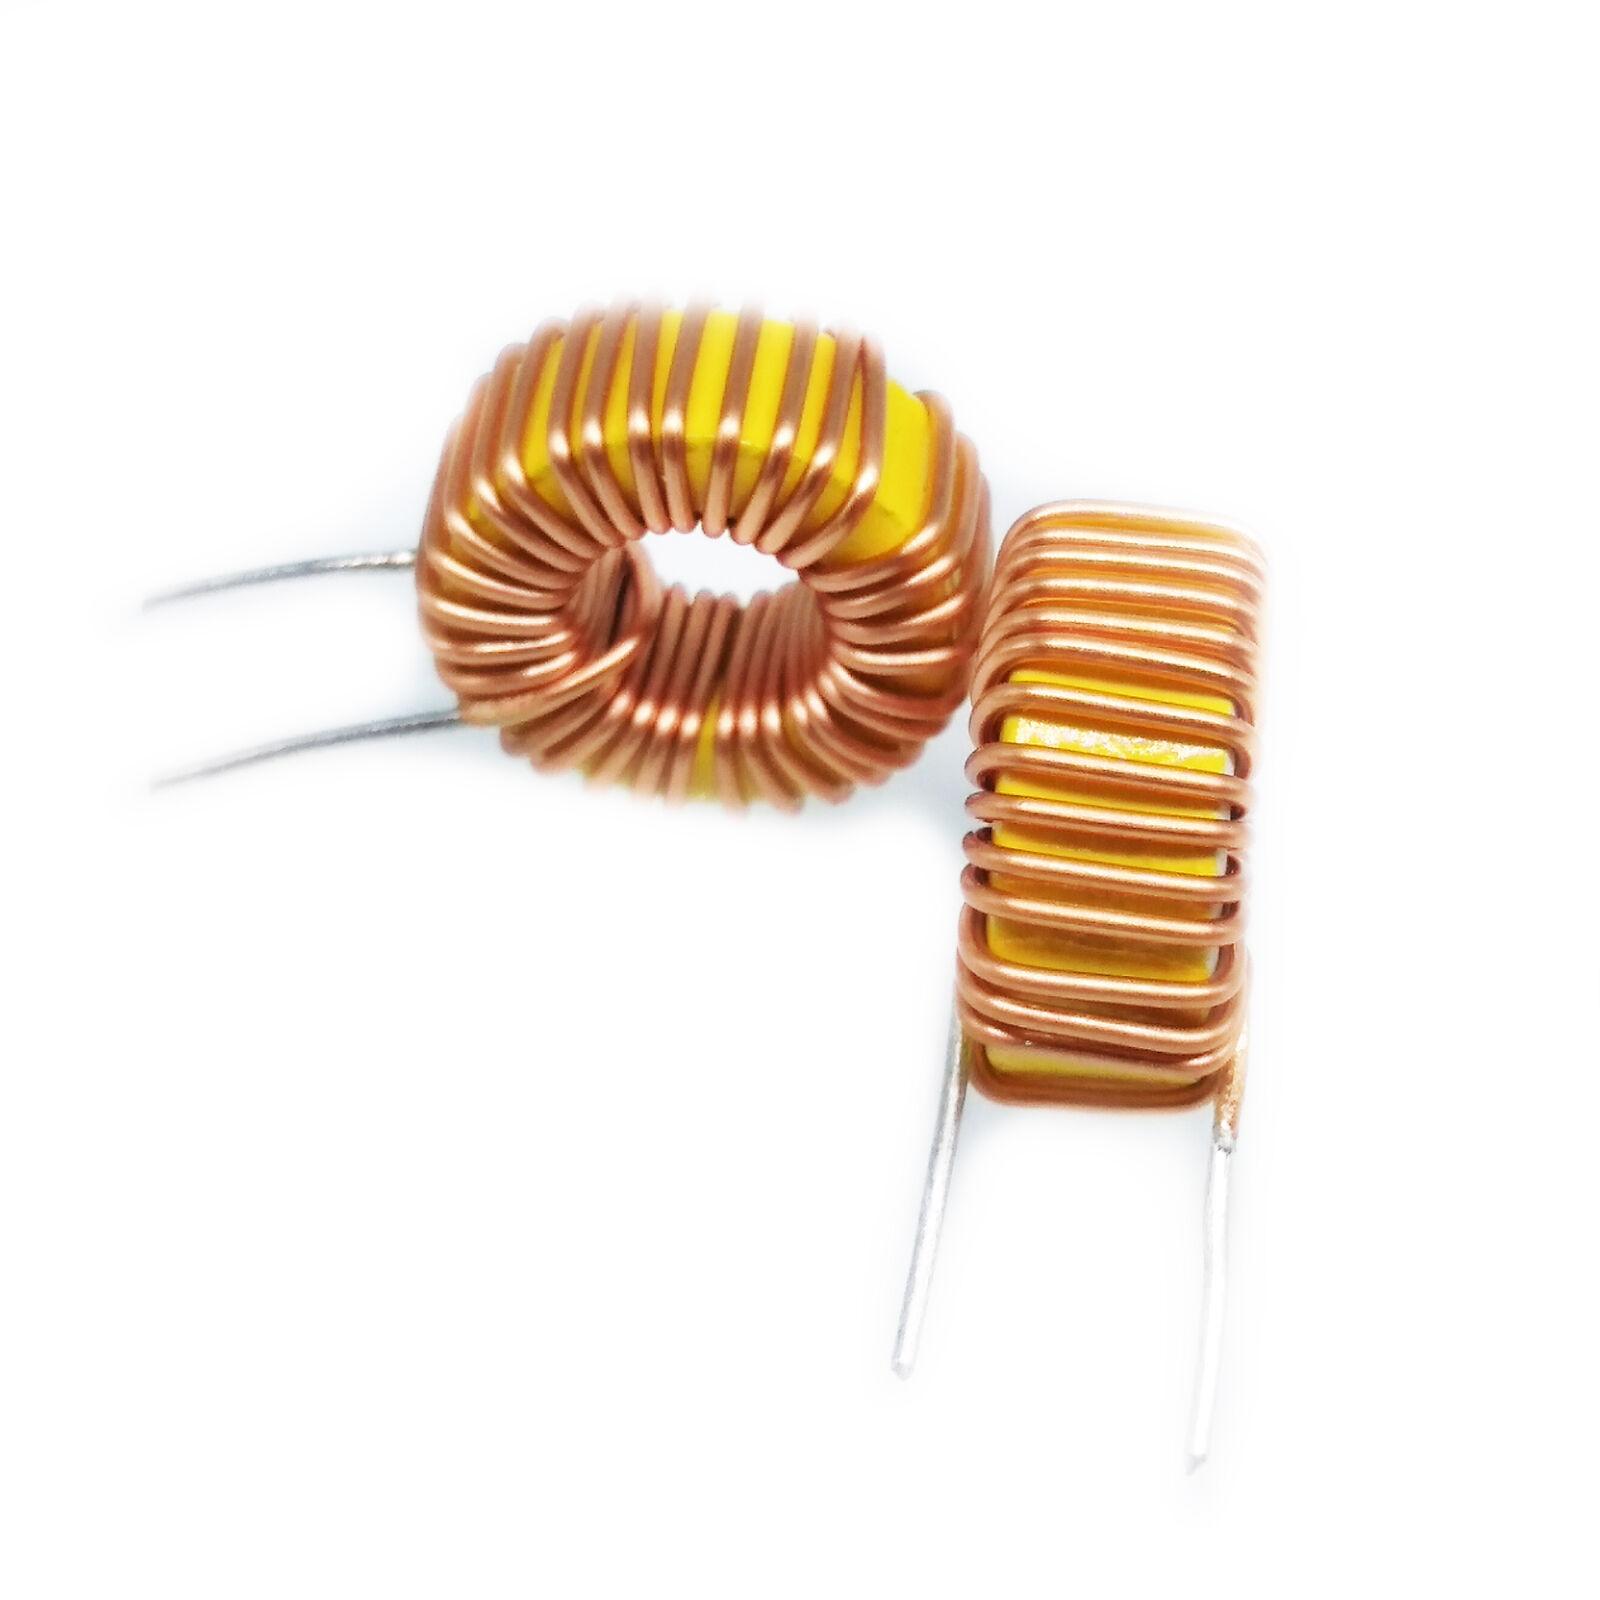 NOS Qty 10 Capacitor Ceramic Disc .0047uF 500V 20/% Z5F ERIE 0.0047